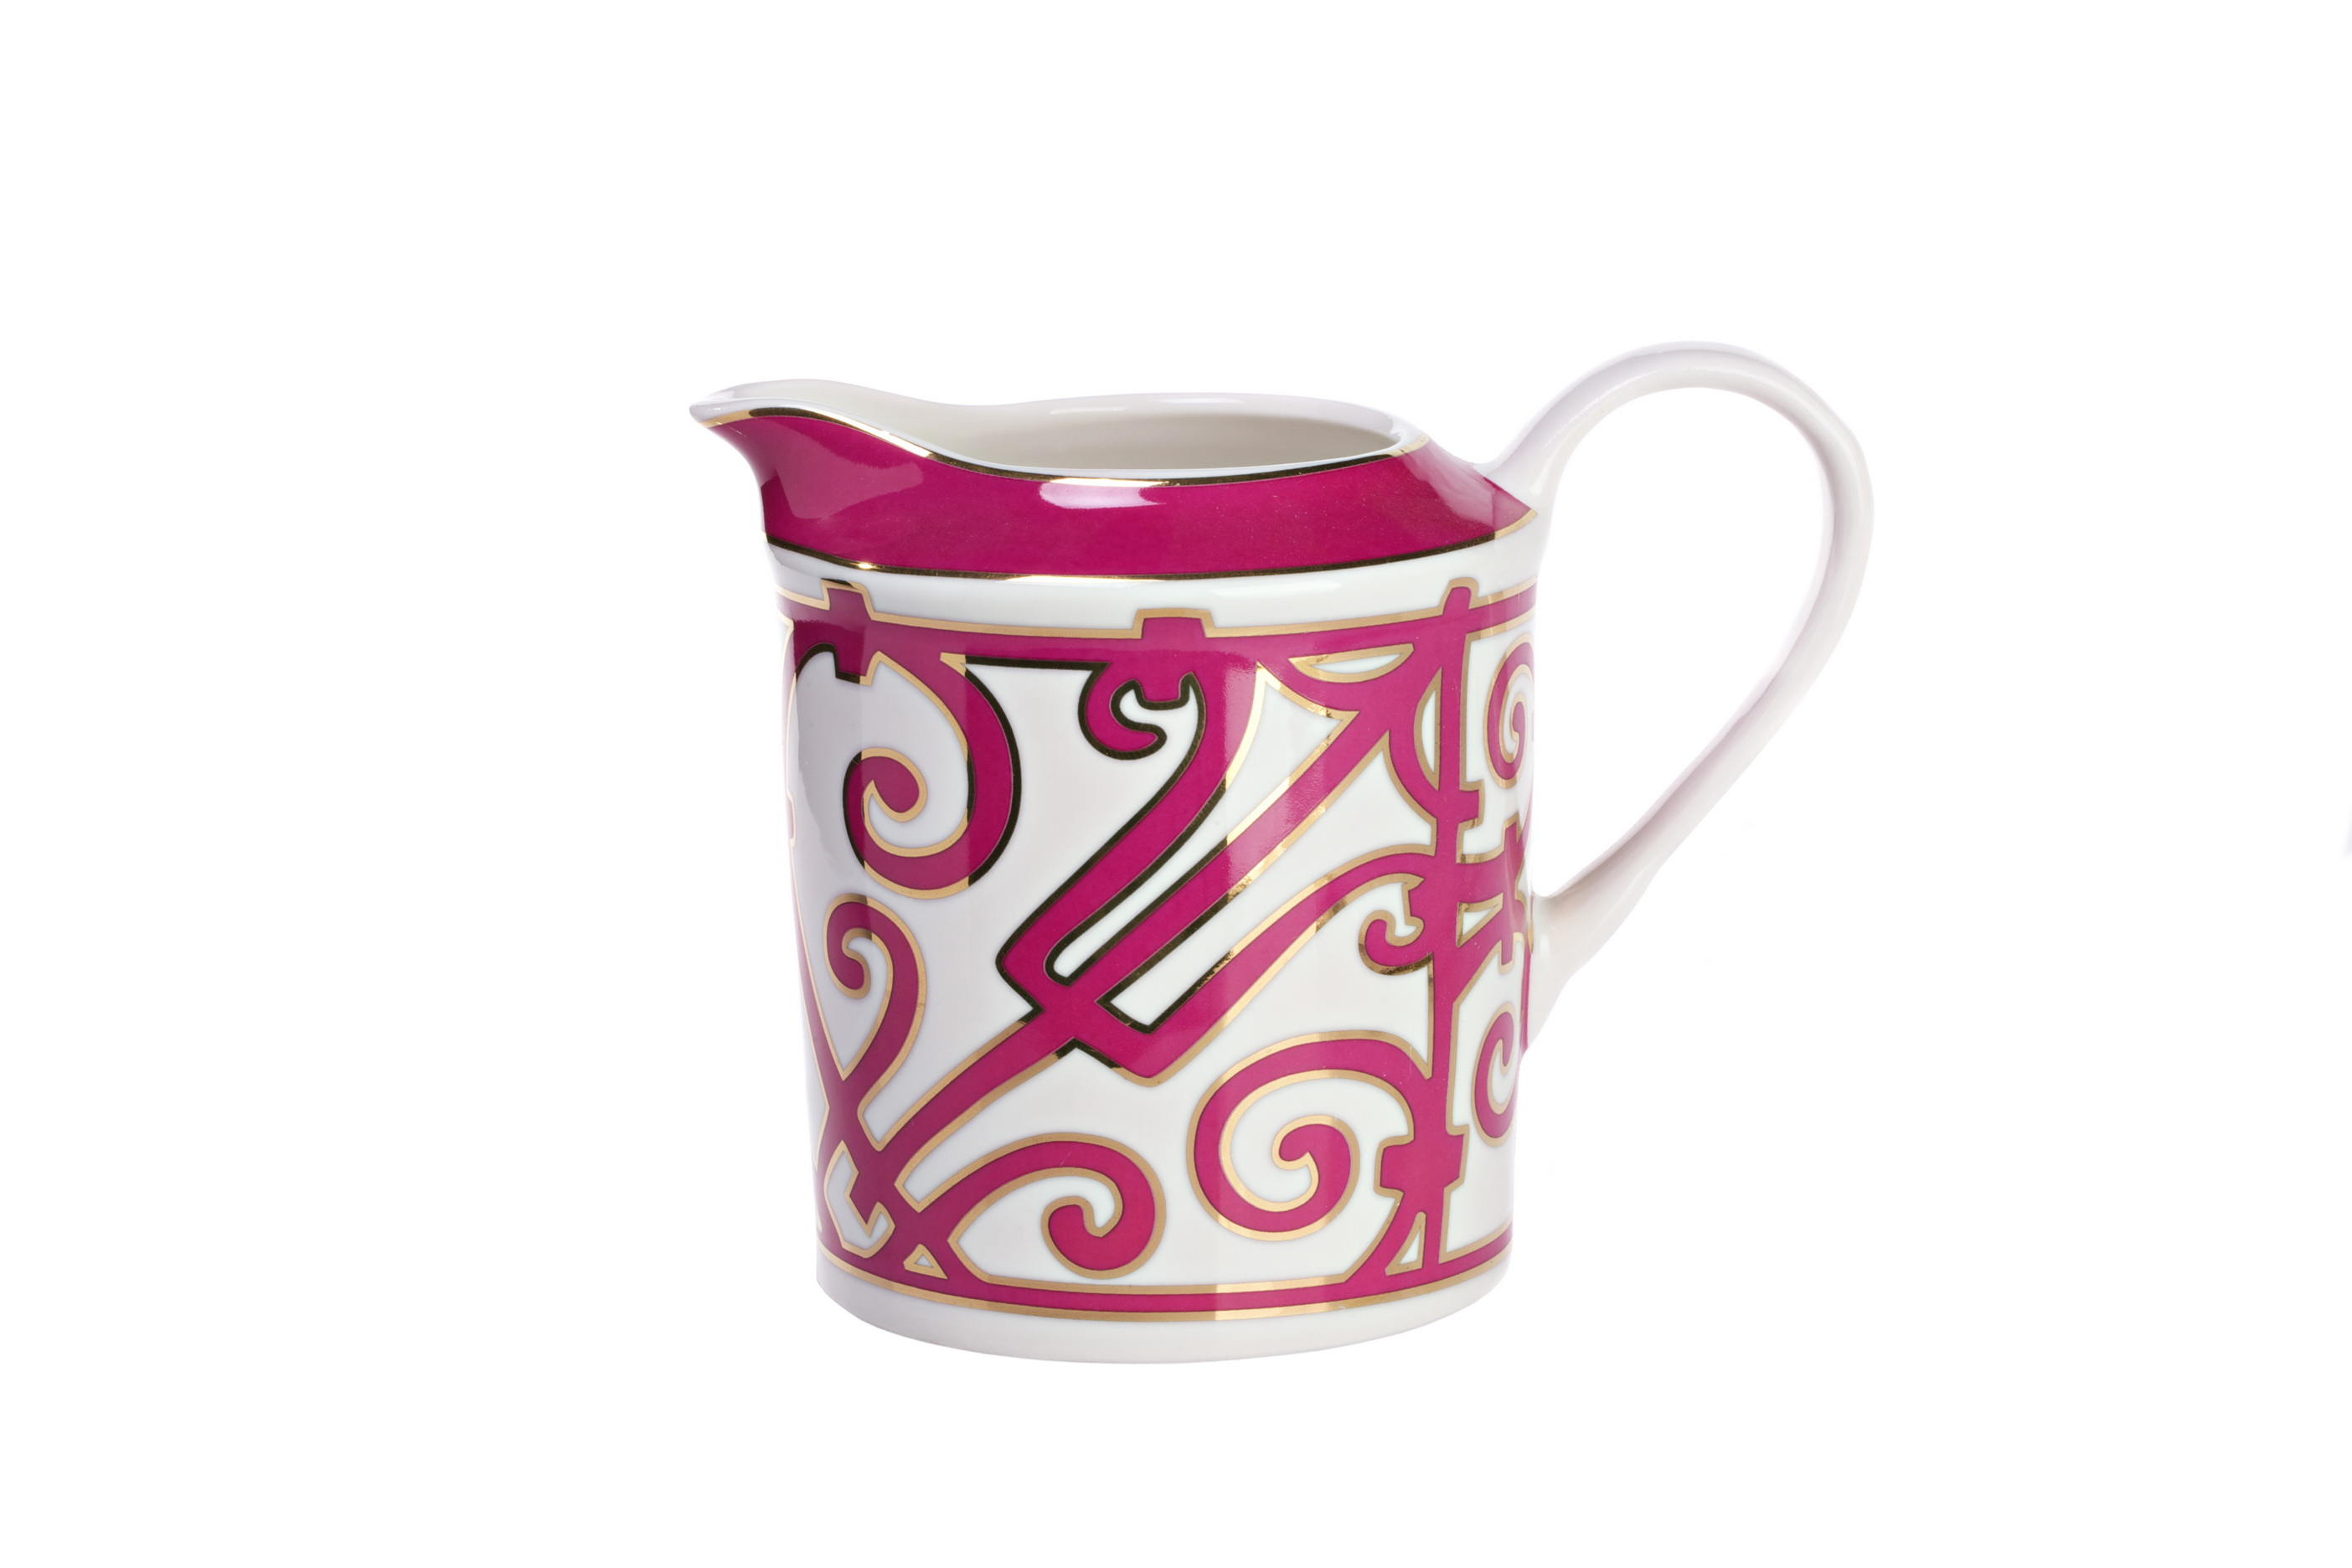 Молочник SiennaКофейники и молочники<br>Элегантный молочник из костяного фарфора коллекции «Sienna» создан для любителей классической чайной церемонии. Простая строгая форма изделия сочетается с замысловатым лиловым орнаментом в стиле модерн (moderne). Изящная ручка позволяет удобно удерживать молочник в руке, а носик сконструирован таким образом, чтобы не дать молоку пролиться. <br>Изделия данной серии придают сервировке особую тожественность и благородство. Идеальная белизна фарфора удачно контрастирует с насыщенной и яркой отделкой.<br>Вы можете приобрести молочник отдельно, а также в комплекте с другими предметами коллекции «Sienna».<br><br>Material: Фарфор<br>Ширина см: 12<br>Высота см: 14<br>Глубина см: 9